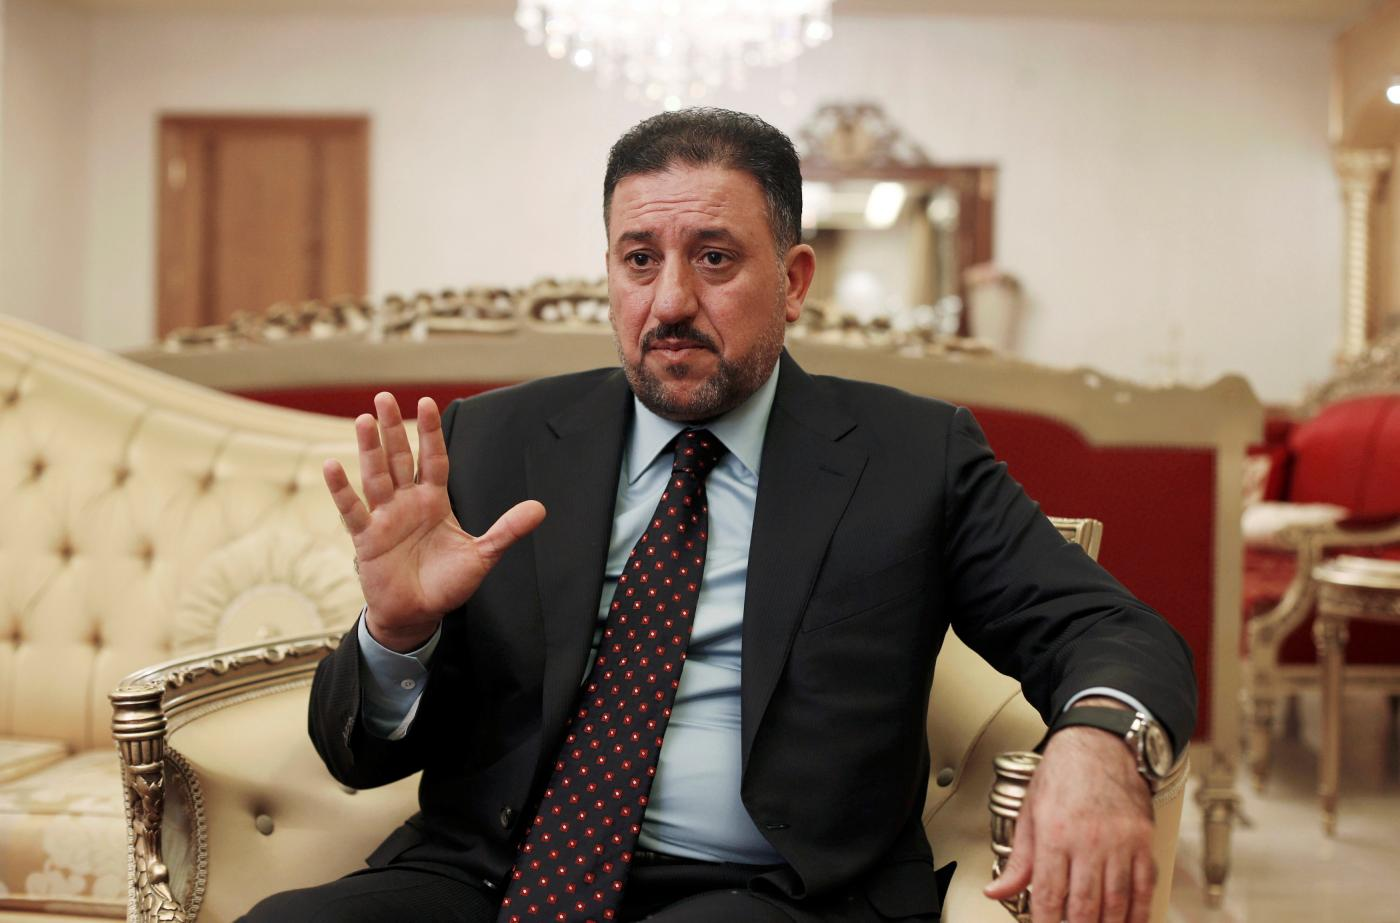 Khamis al-Khanjar, pictured in Amman in 2016 (Reuters)